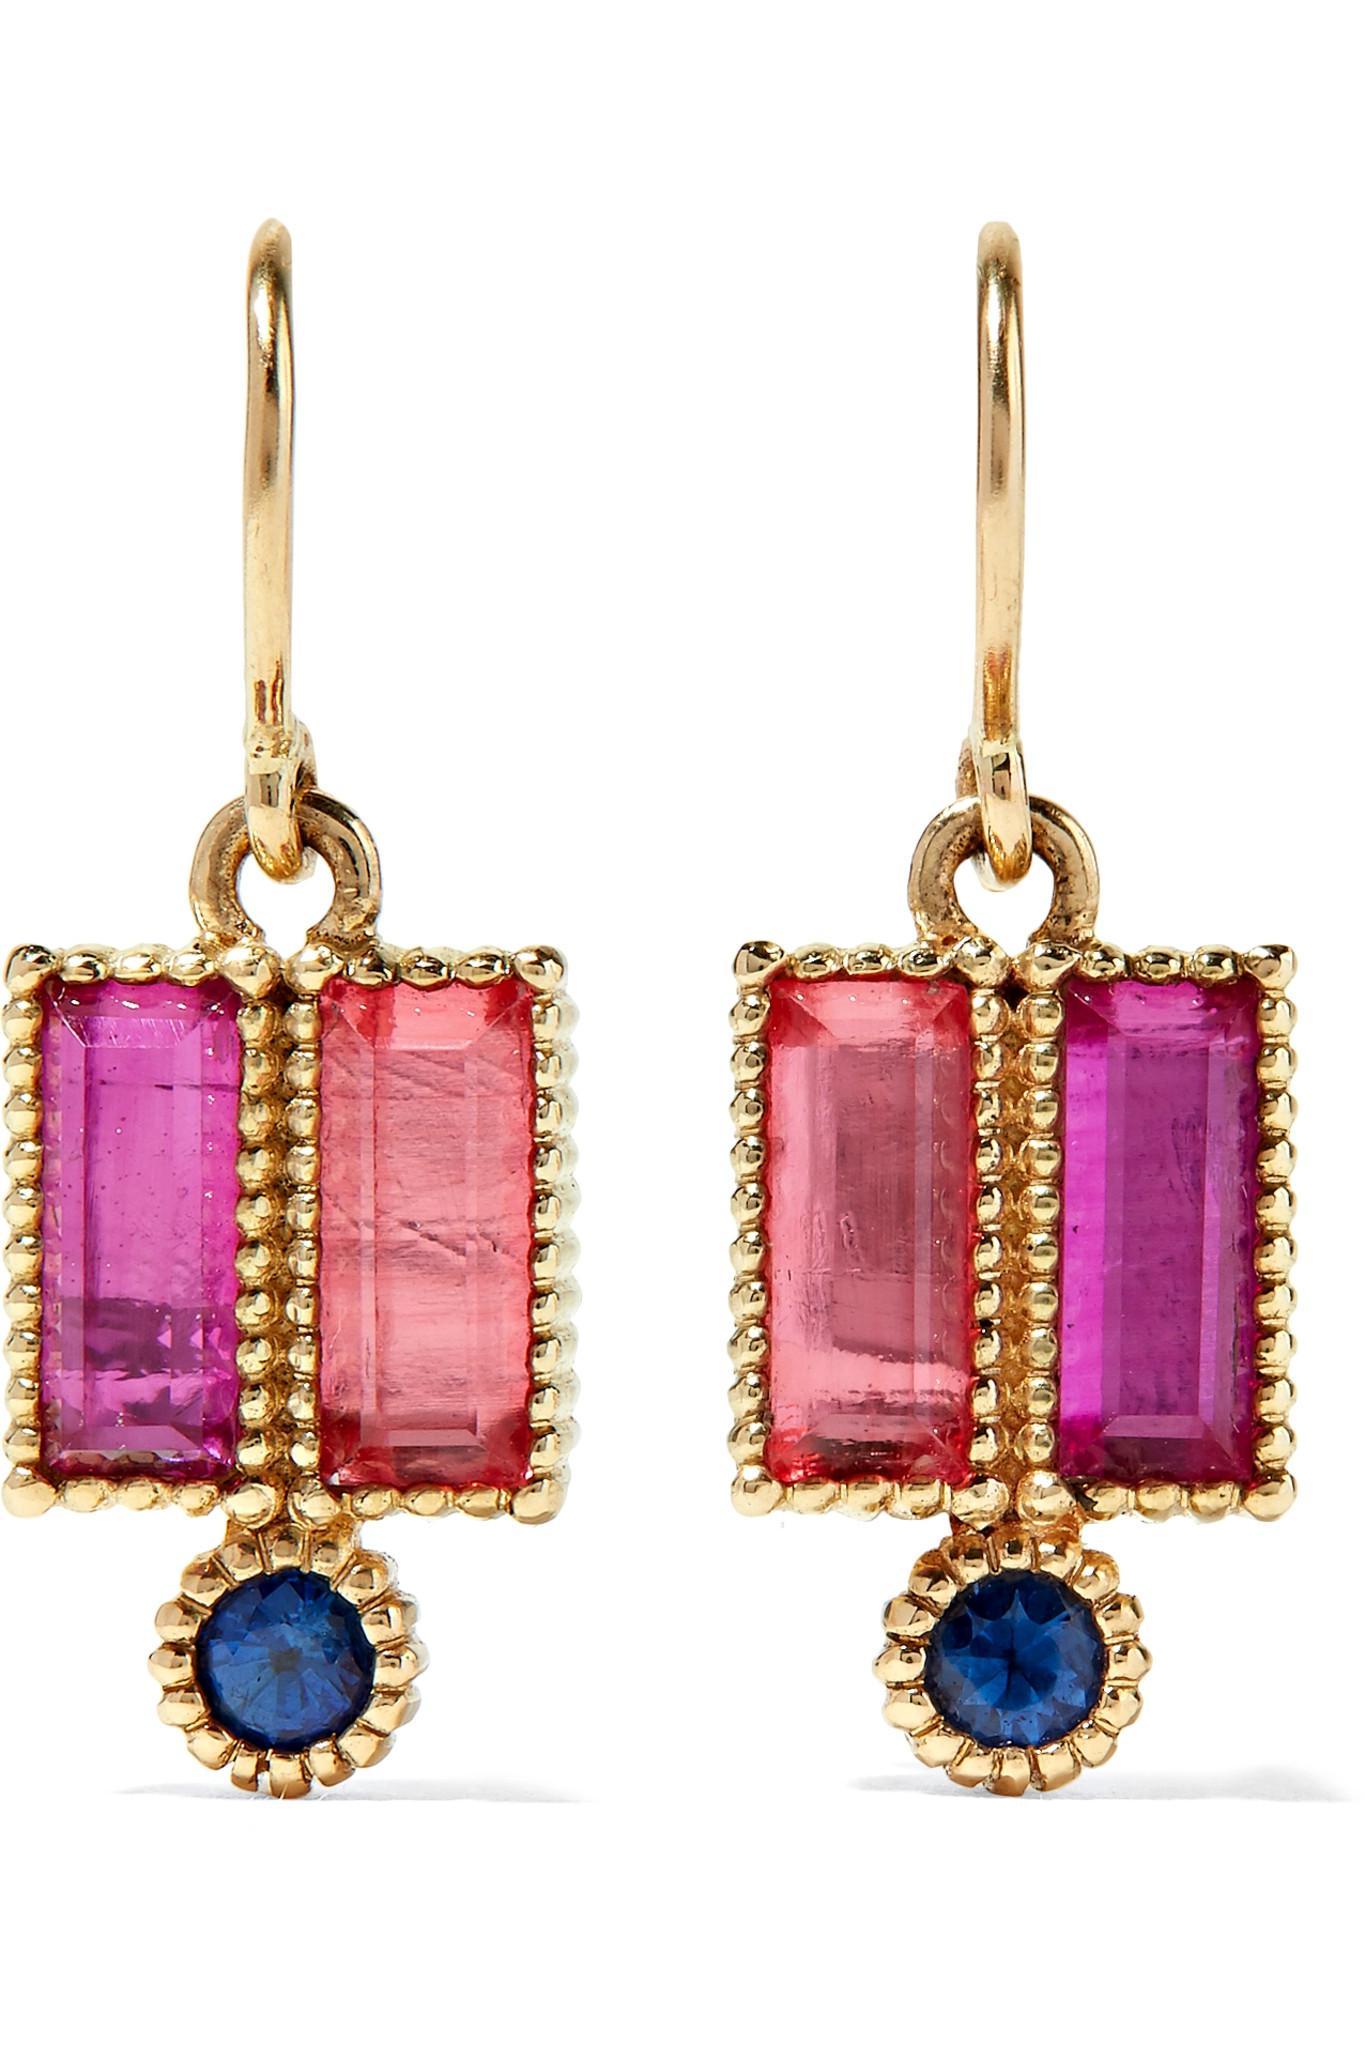 Larkspur & Hawk Cora 14-karat Gold Quartz Earrings 8KcjE6q1Ub